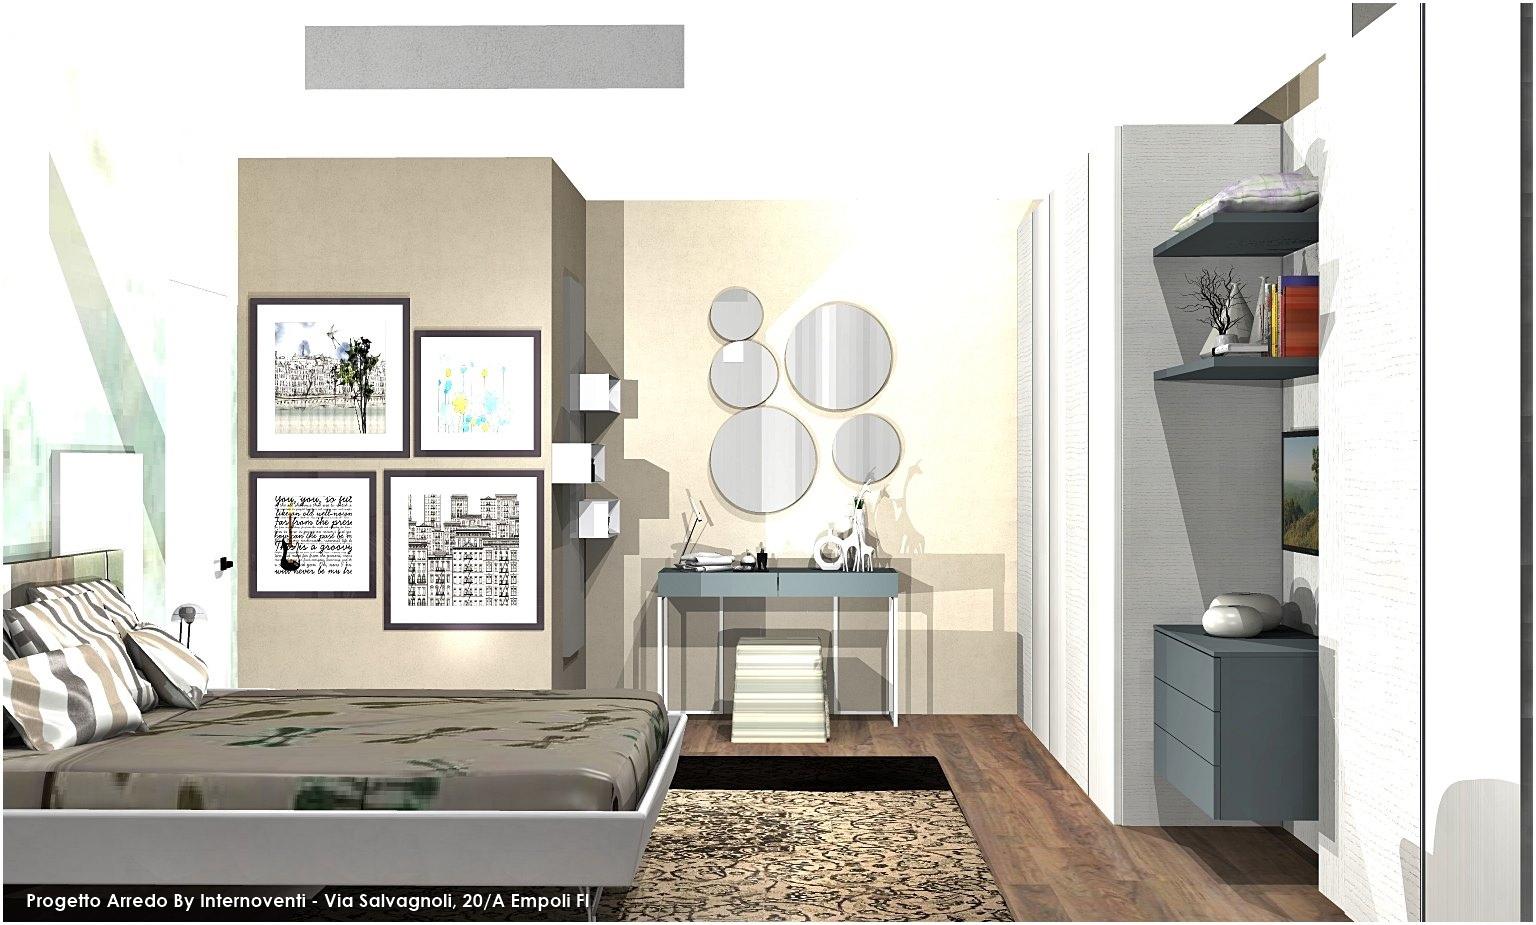 Appartamento in vendita a Empoli, 5 locali, Trattative riservate | CambioCasa.it